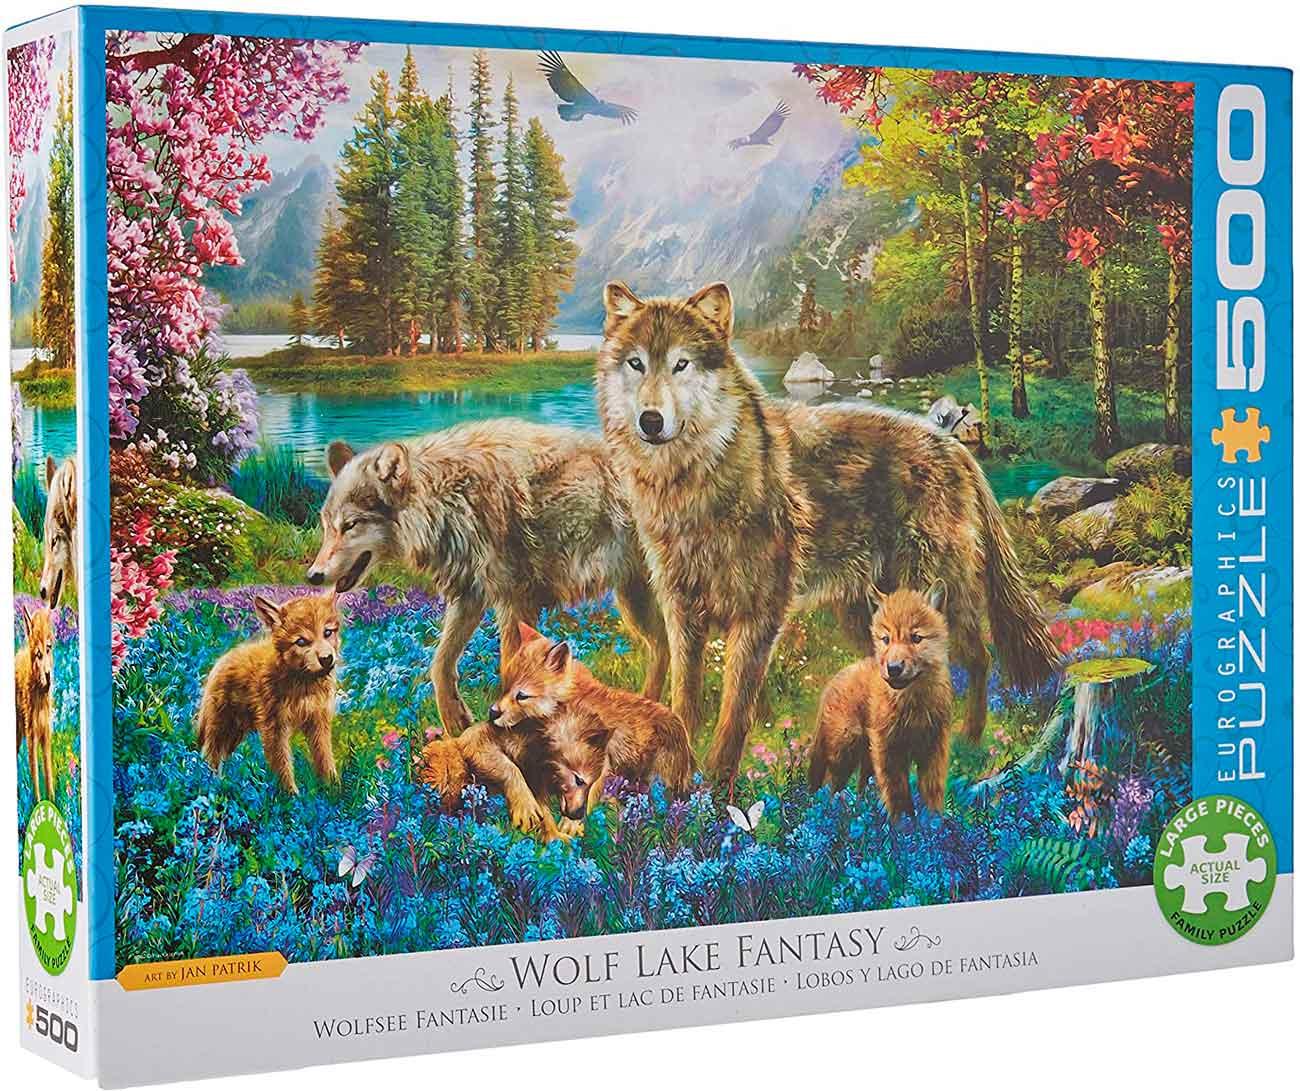 Puzzle Eurographics Lobos y Lago de Fantasía XXL de 500 Piezas